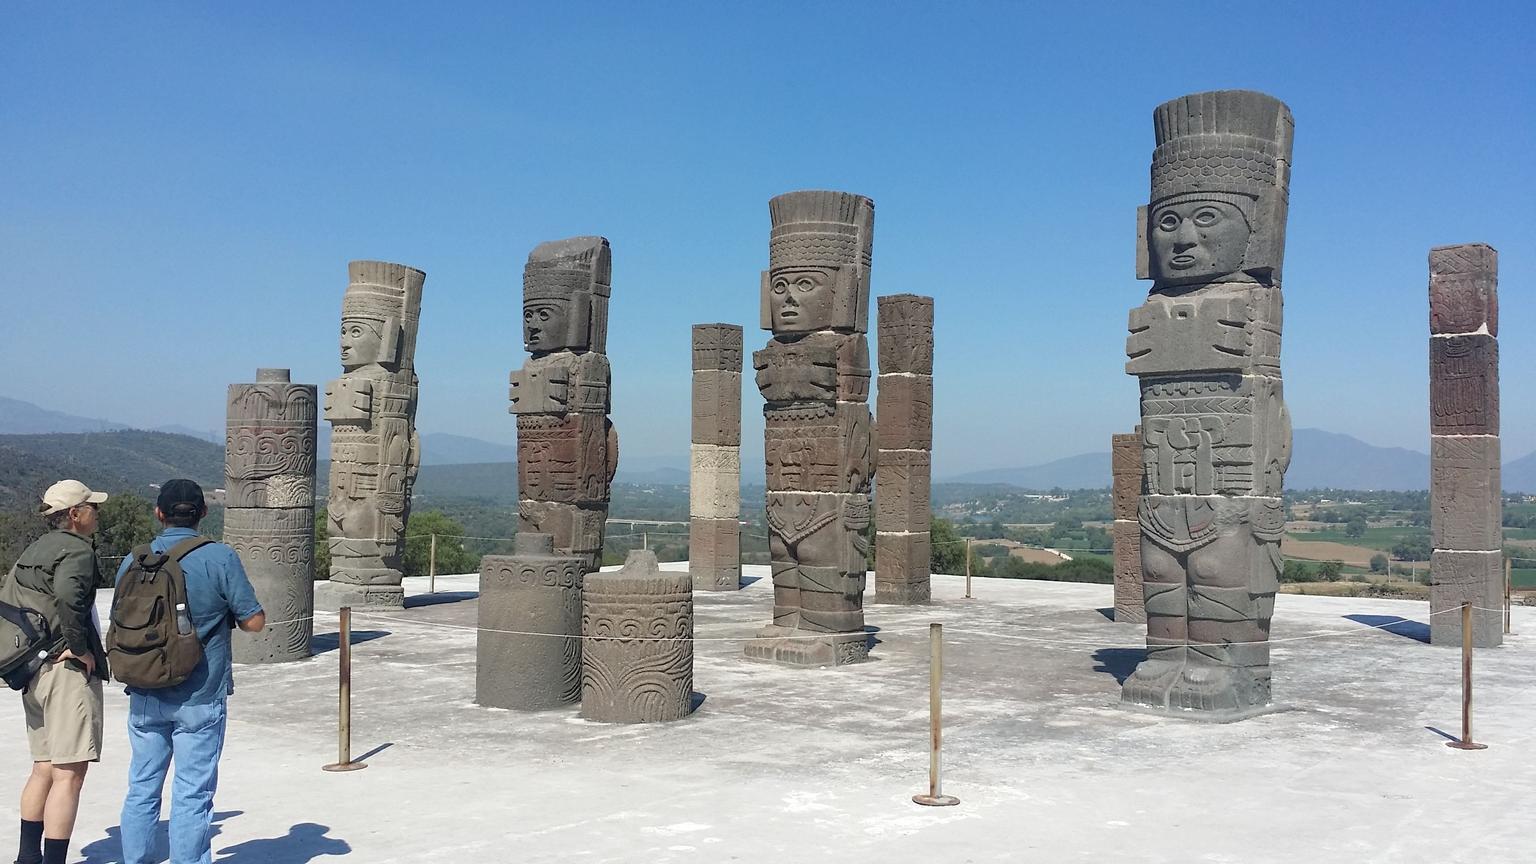 MAIS FOTOS, Excursão privada: viagem diurna em Tula e Tepotzotlan saindo da Cidade do México